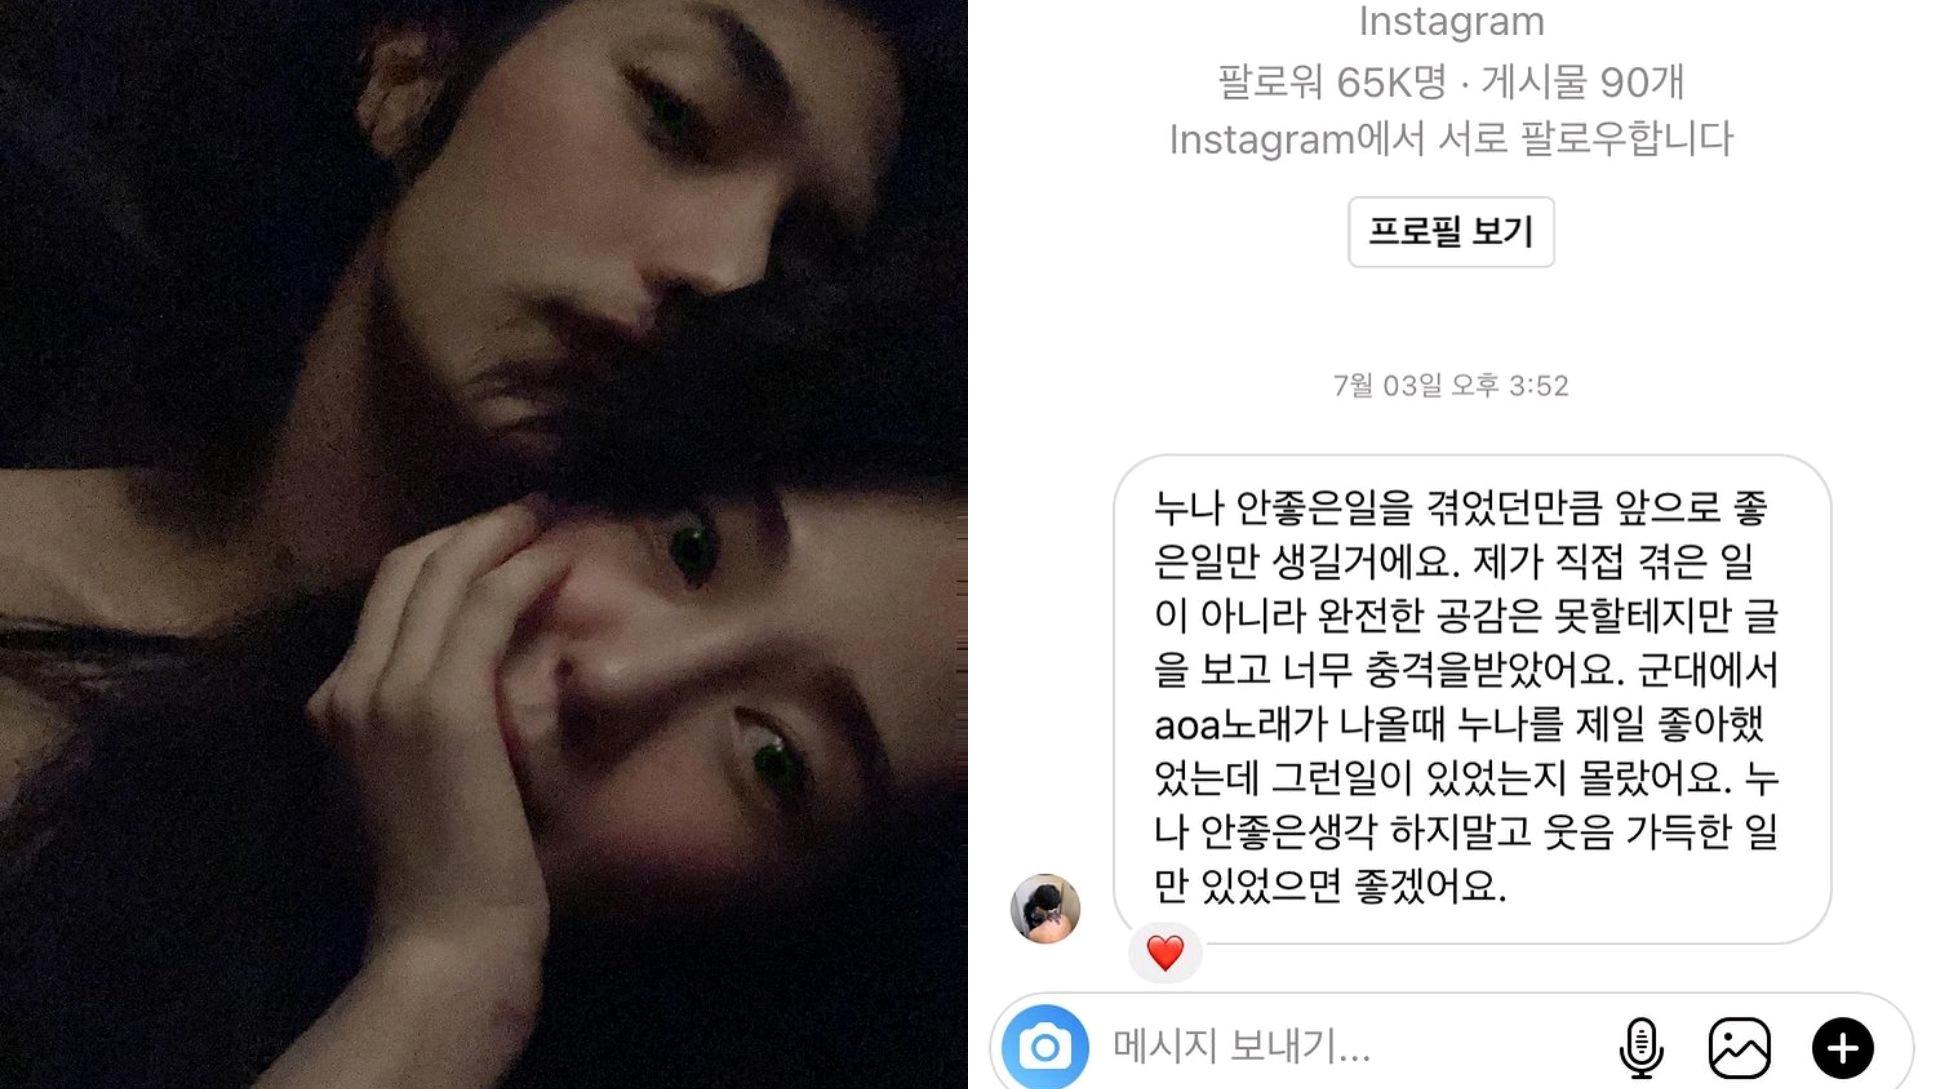 权珉娥刚公开新恋情又翻车:我不是魔女小三,男朋友没劈腿前女友